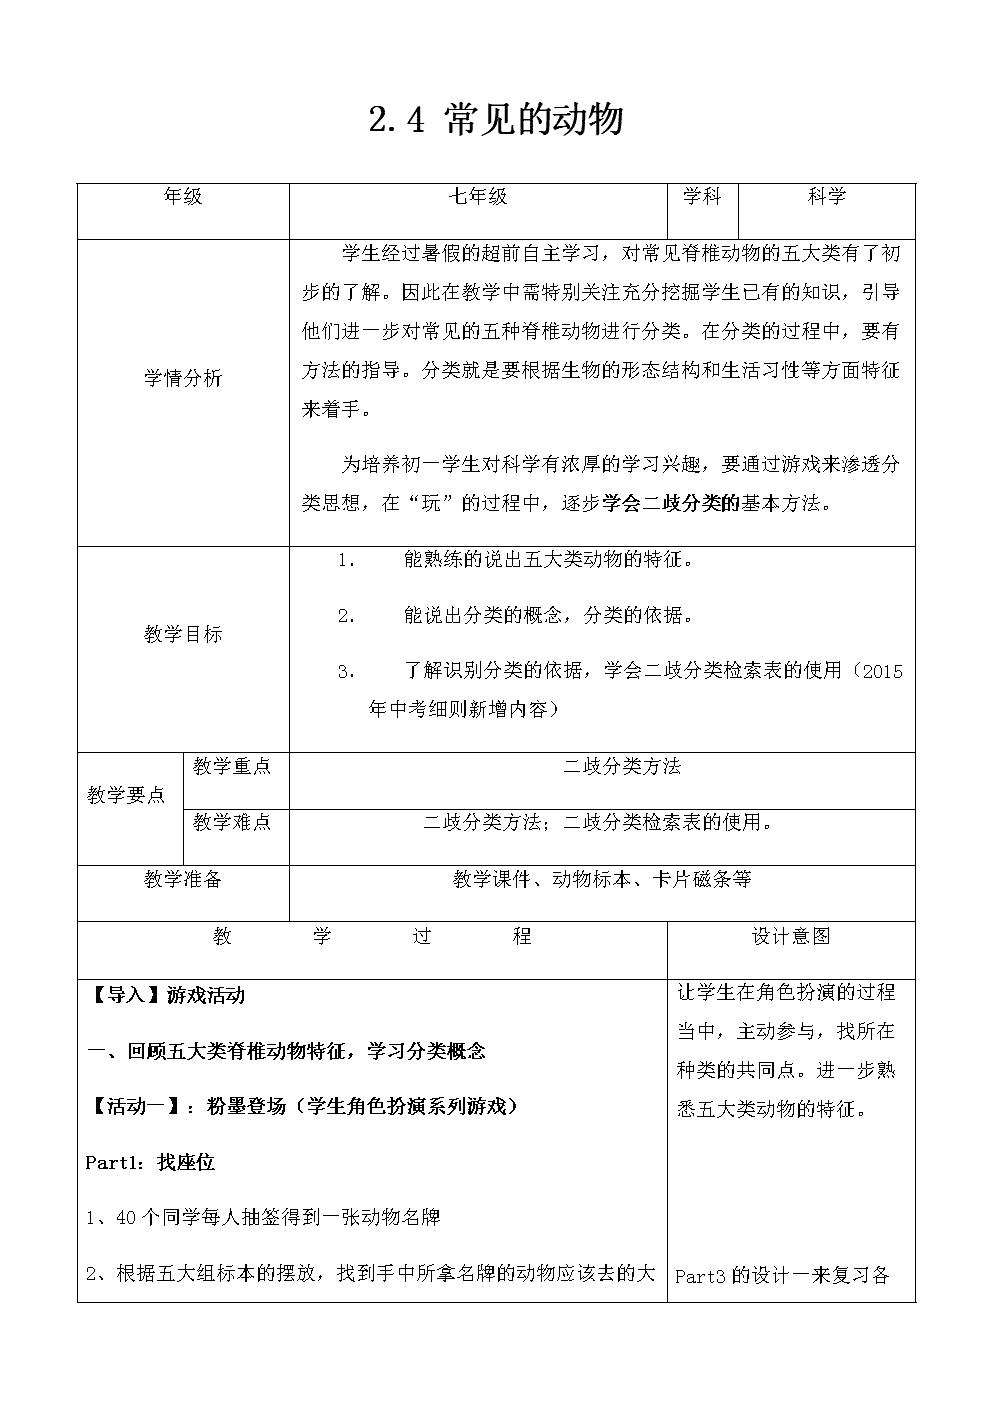 浙教版七年级科学上册2.4《常见的动物》表格教案.docx